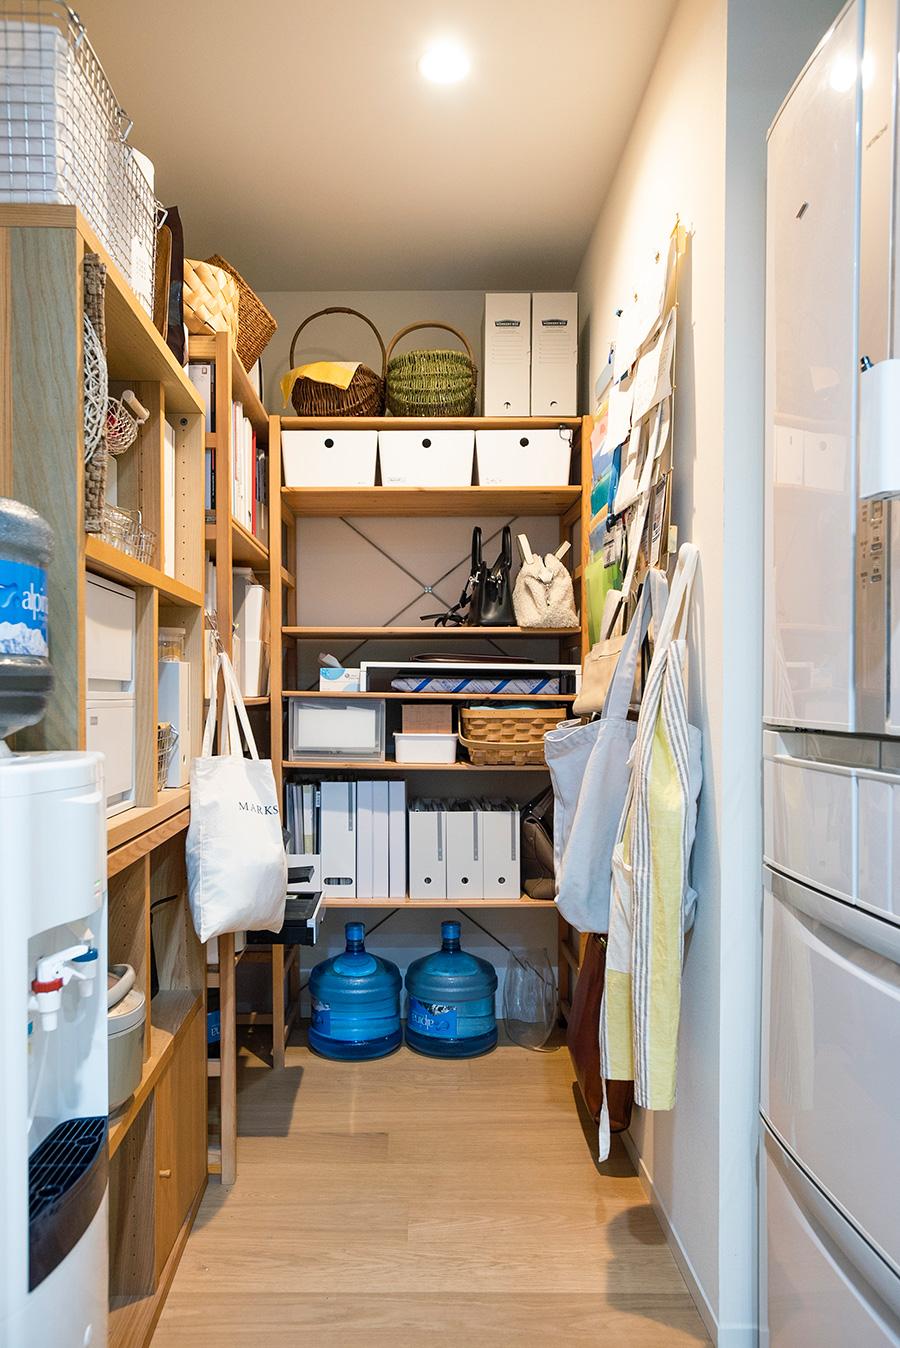 必要なものを何でも収めるパントリー。ファイルボックスやカゴなどで細かく分けて収納。